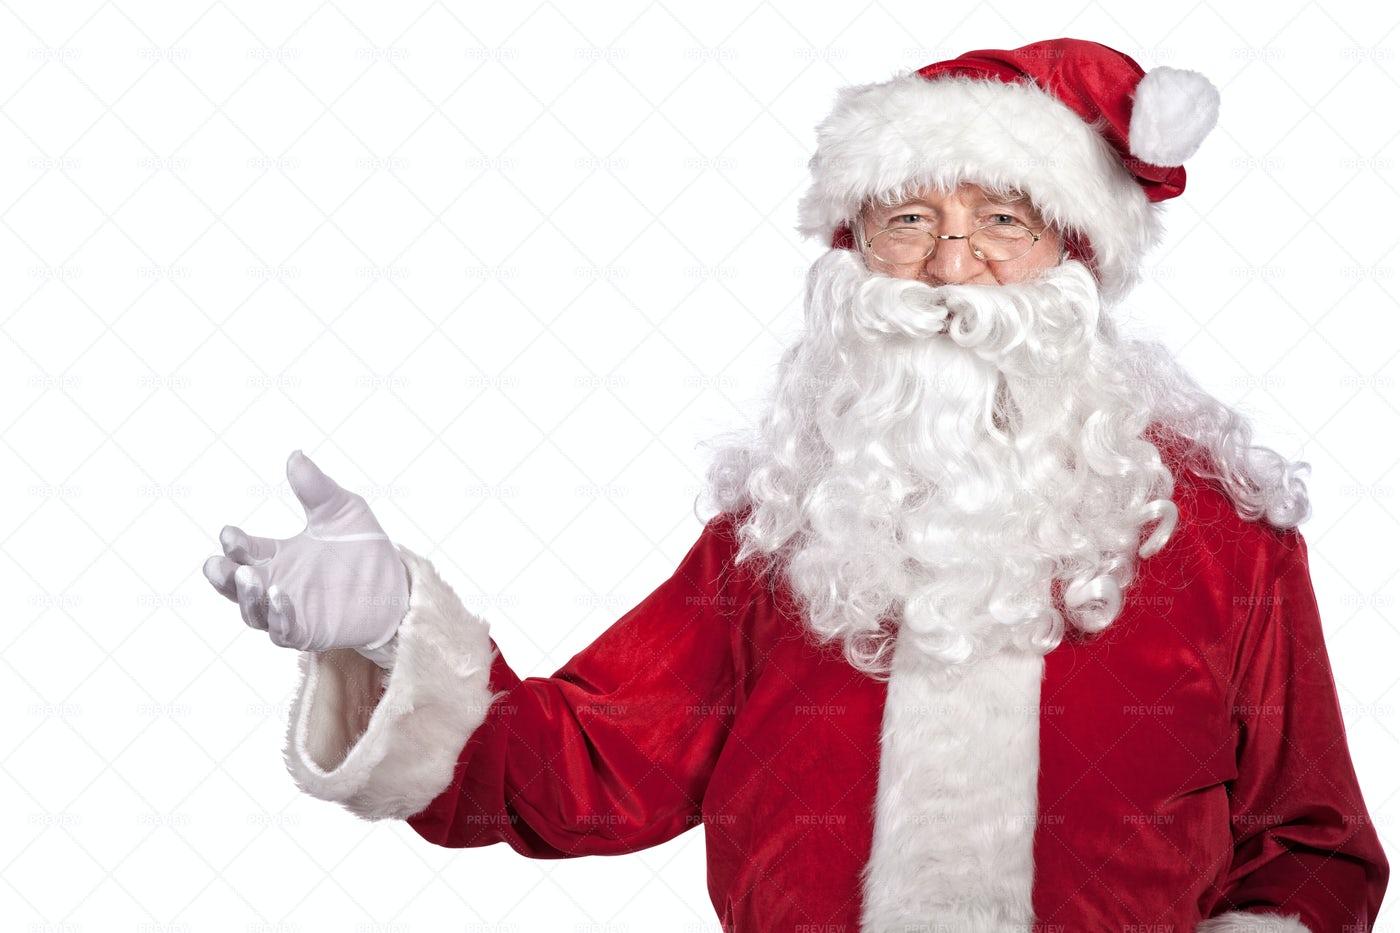 Santa Claus  On White: Stock Photos